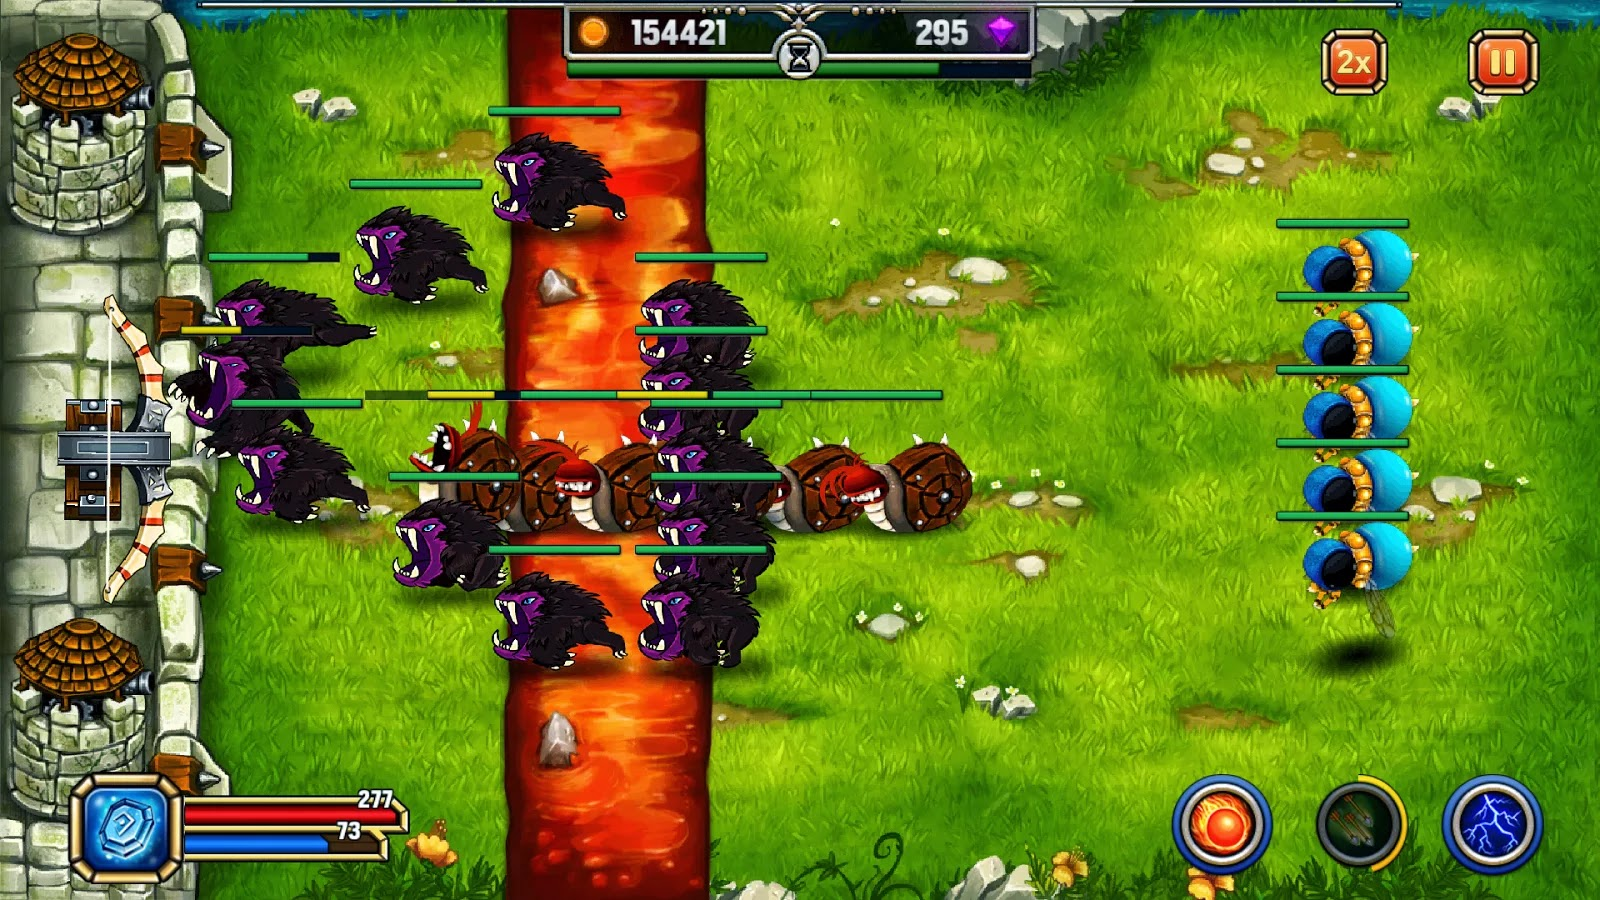 Monster defender mod apk unlimited gold and gems apklover